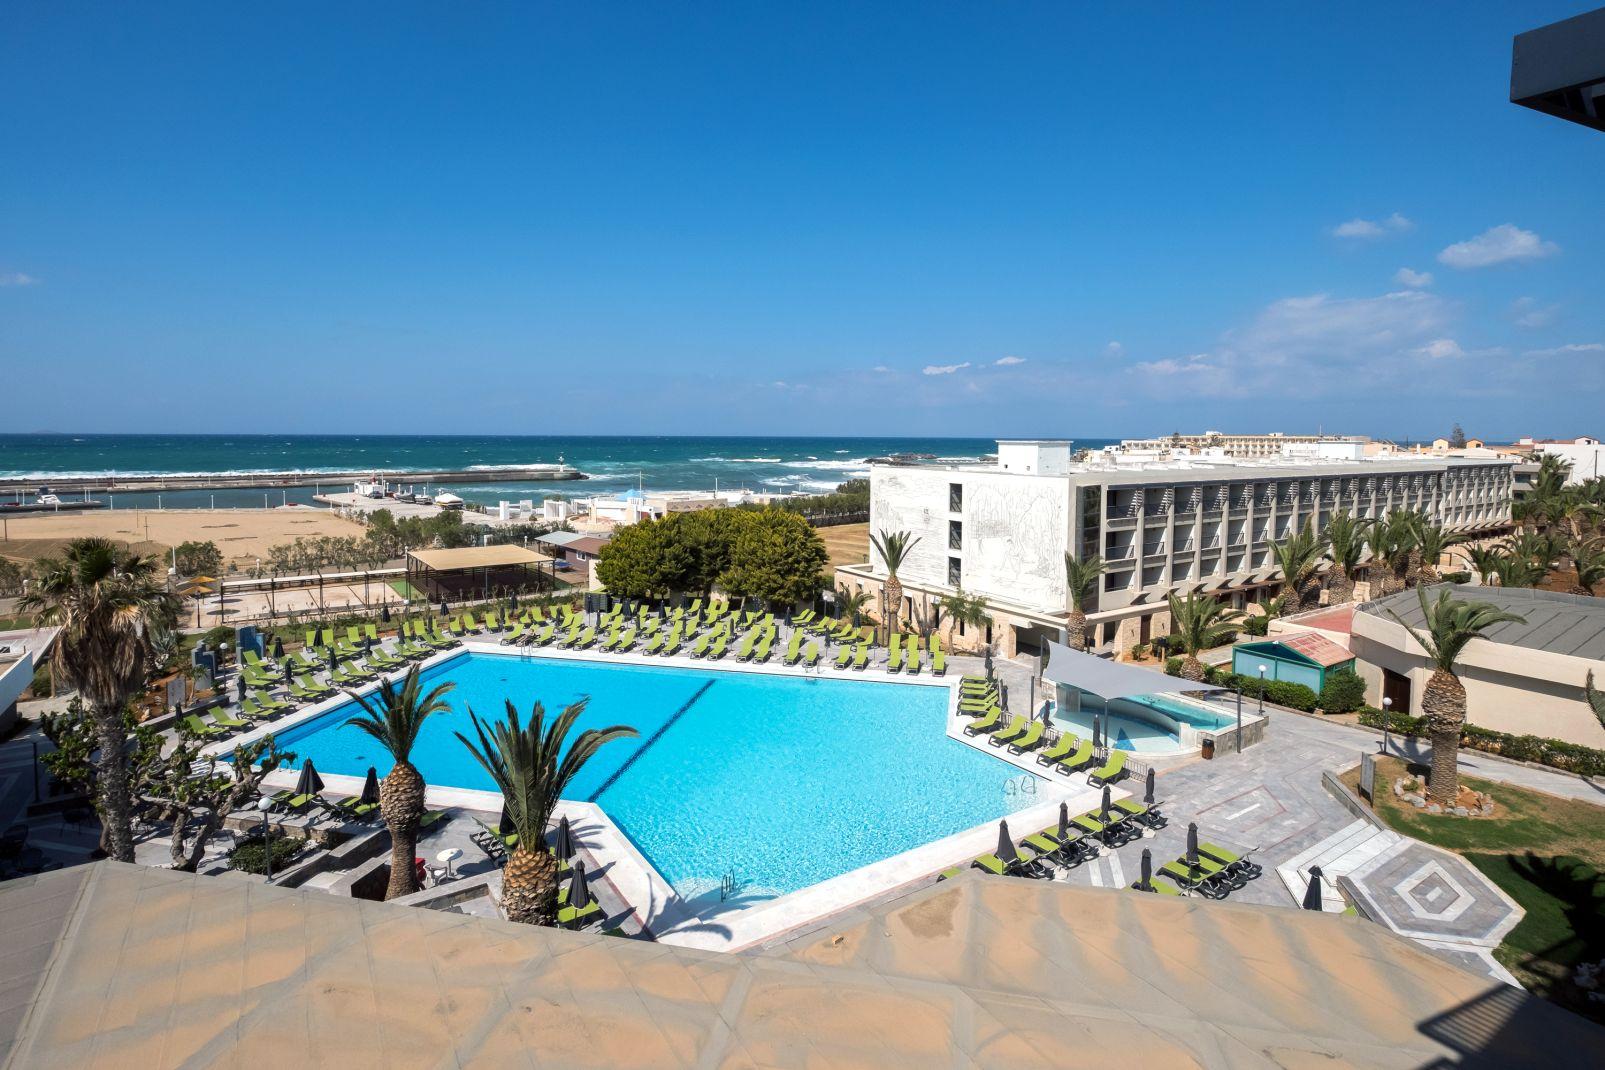 Club Lookéa Marina Beach - 1